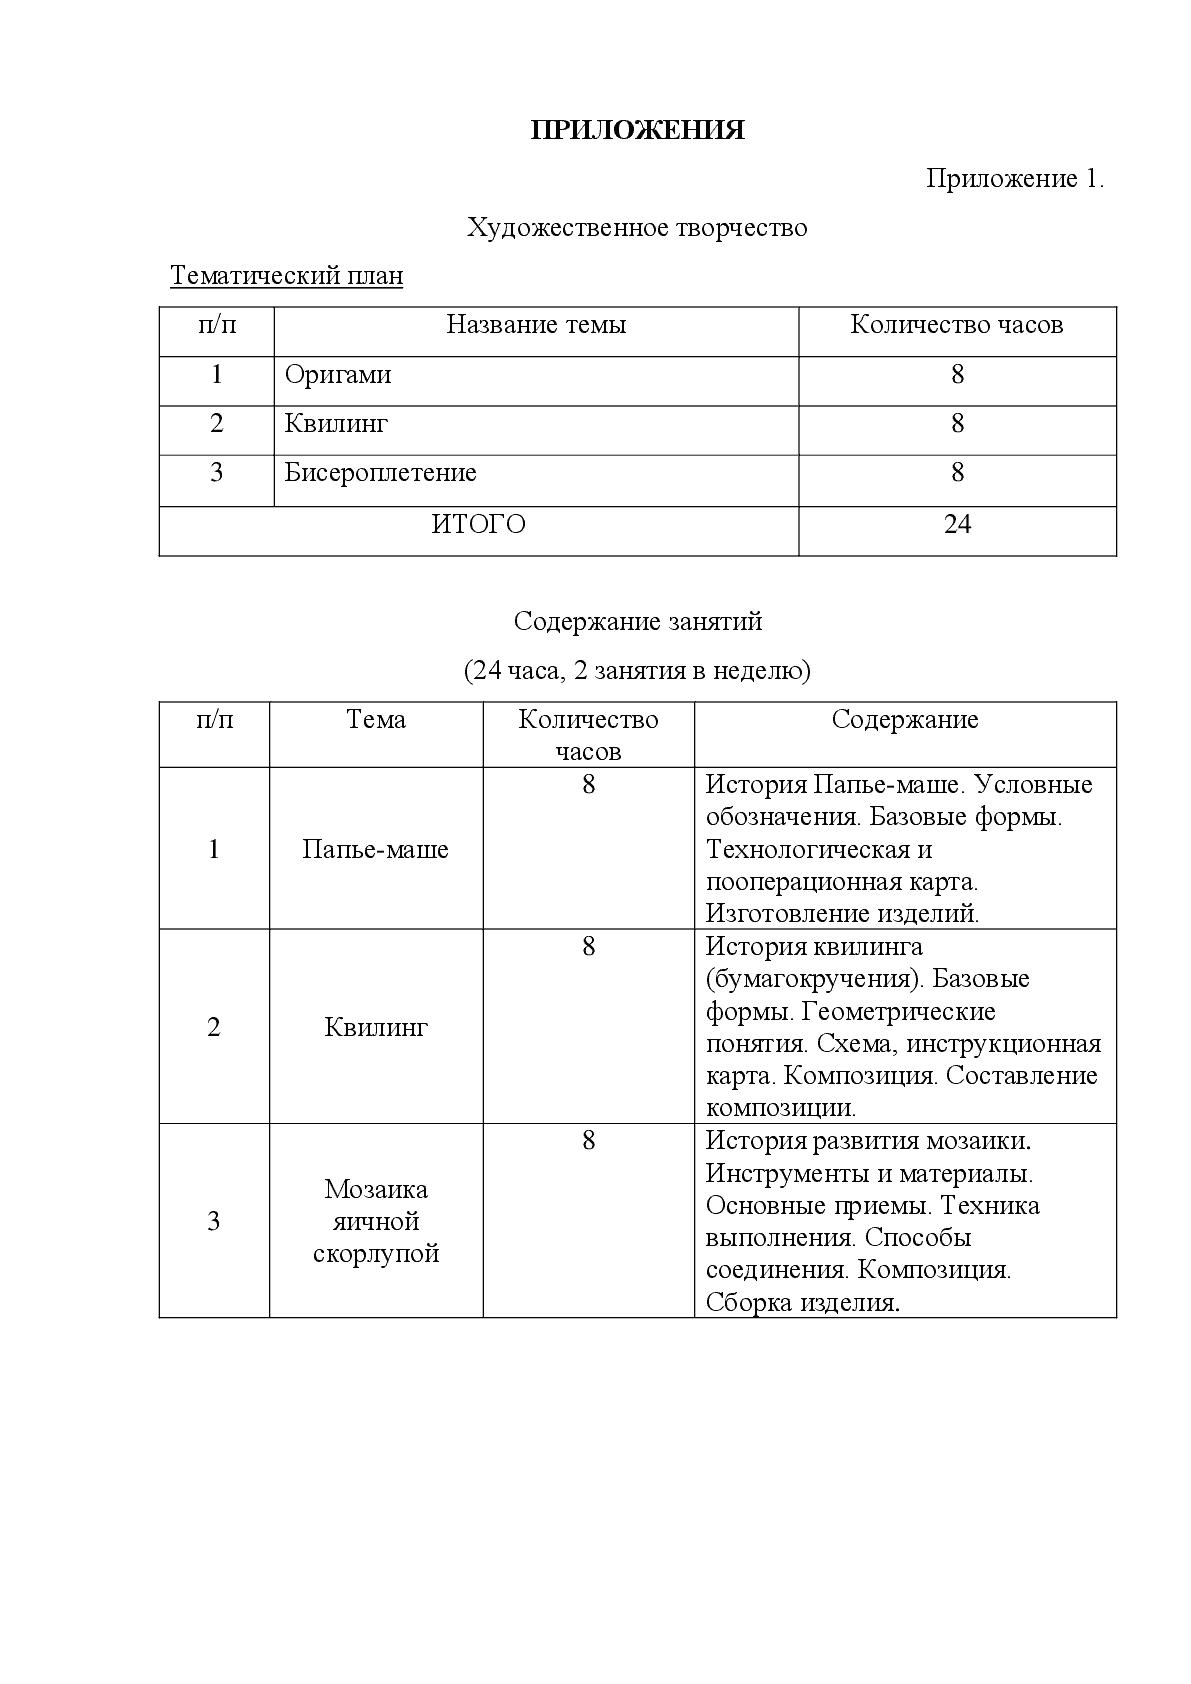 пример оформления приложений